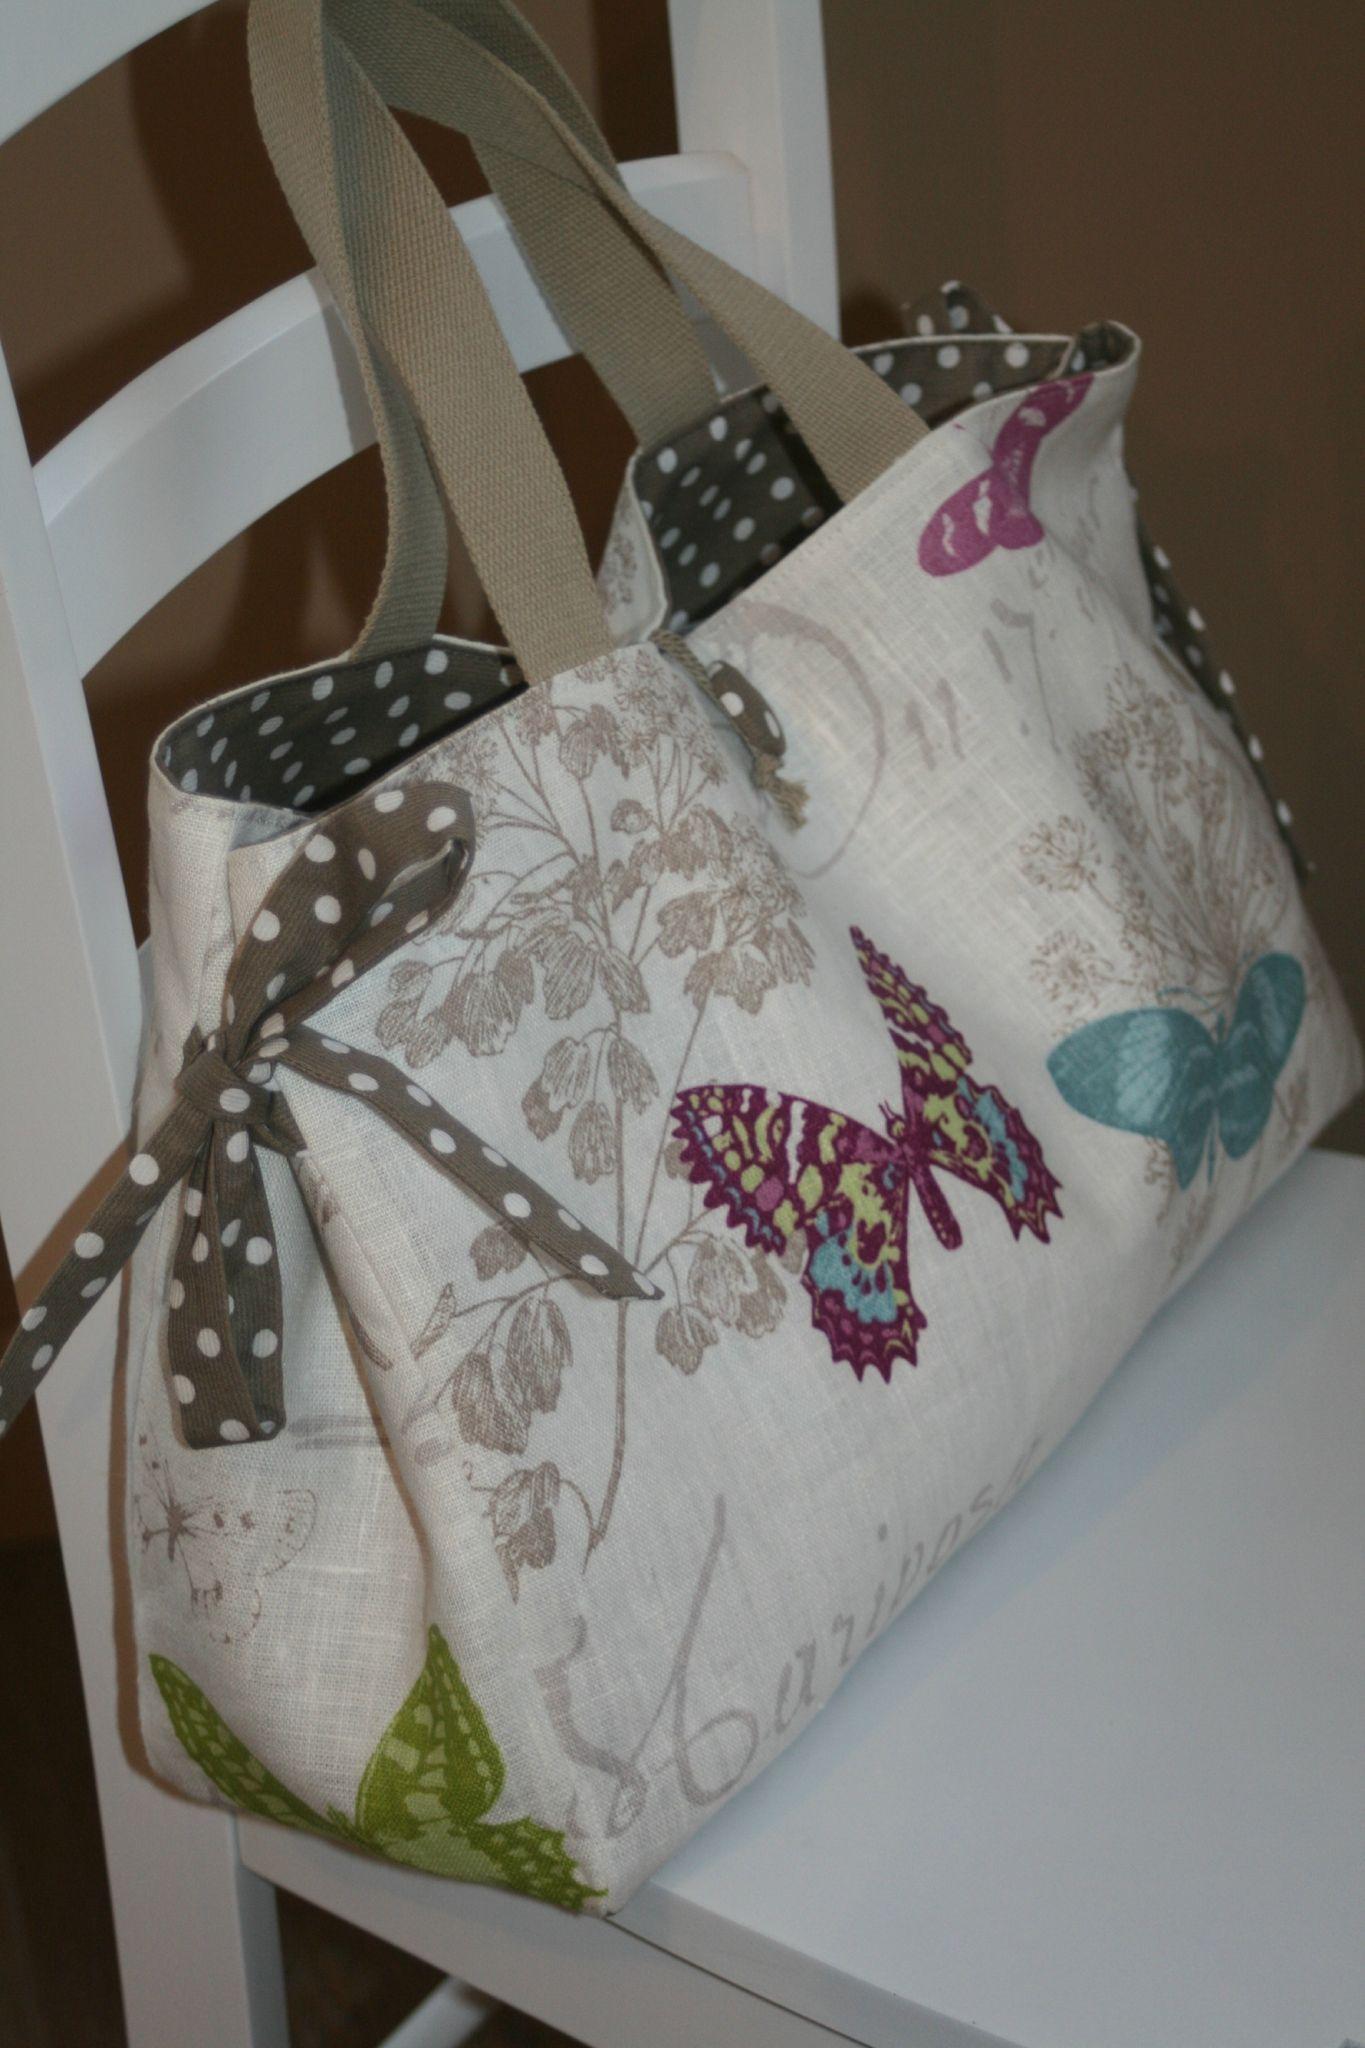 c8c0b25033 Pour cette nouvelle commande, une seule consigne : un sac pour y ranger un  tricot en cours J'ai choisi de faire un sac tout en longueur,.